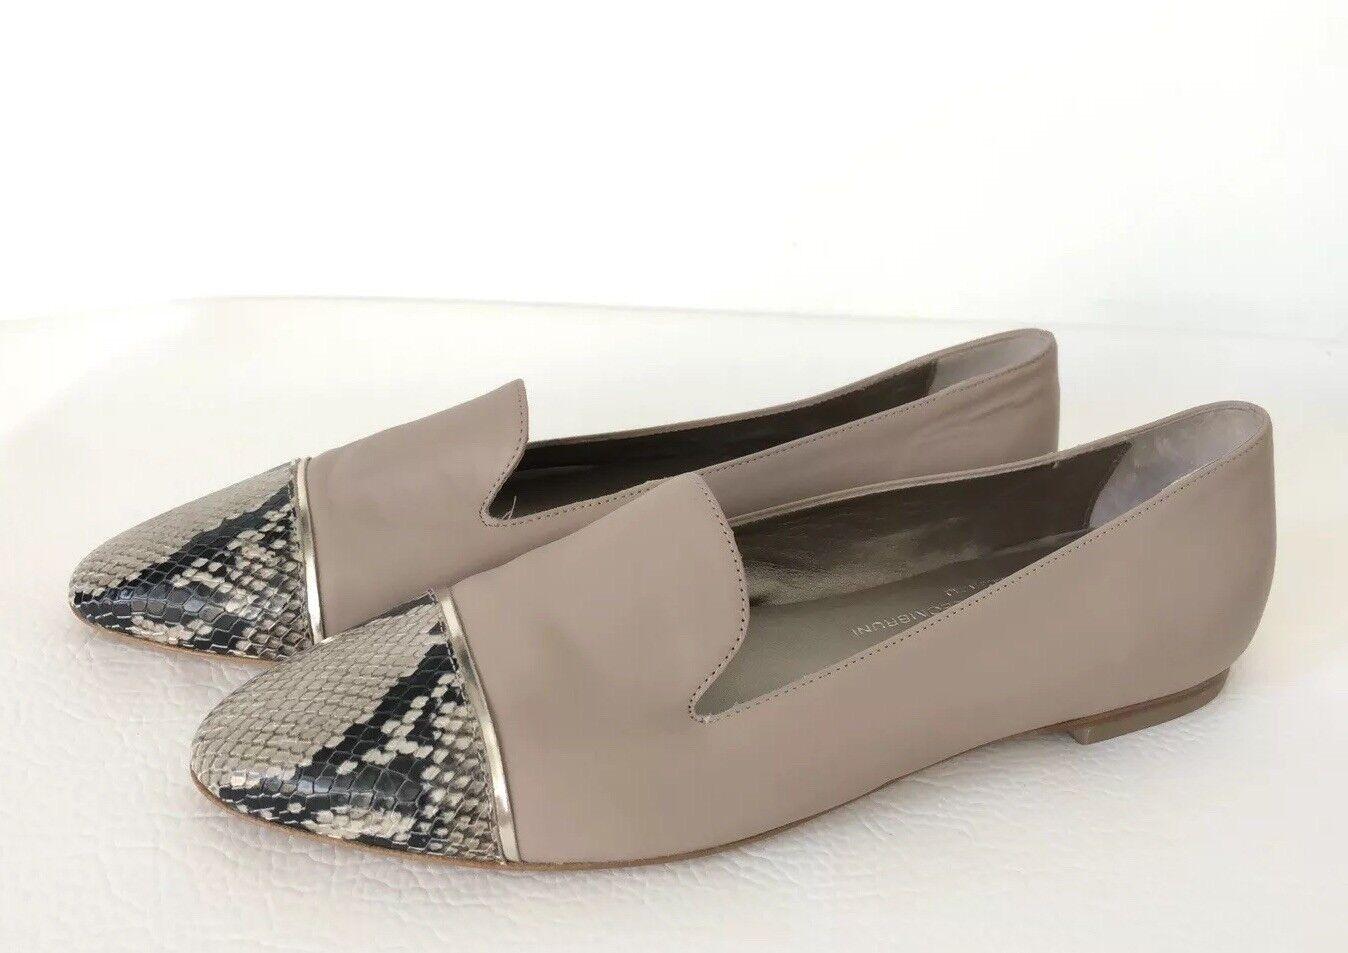 AGL Attilio Giusti Giusti Attilio Leombruni Cuero Puntera Plana Mocasines Para mujeres Zapatos Talla 9 40 587a37